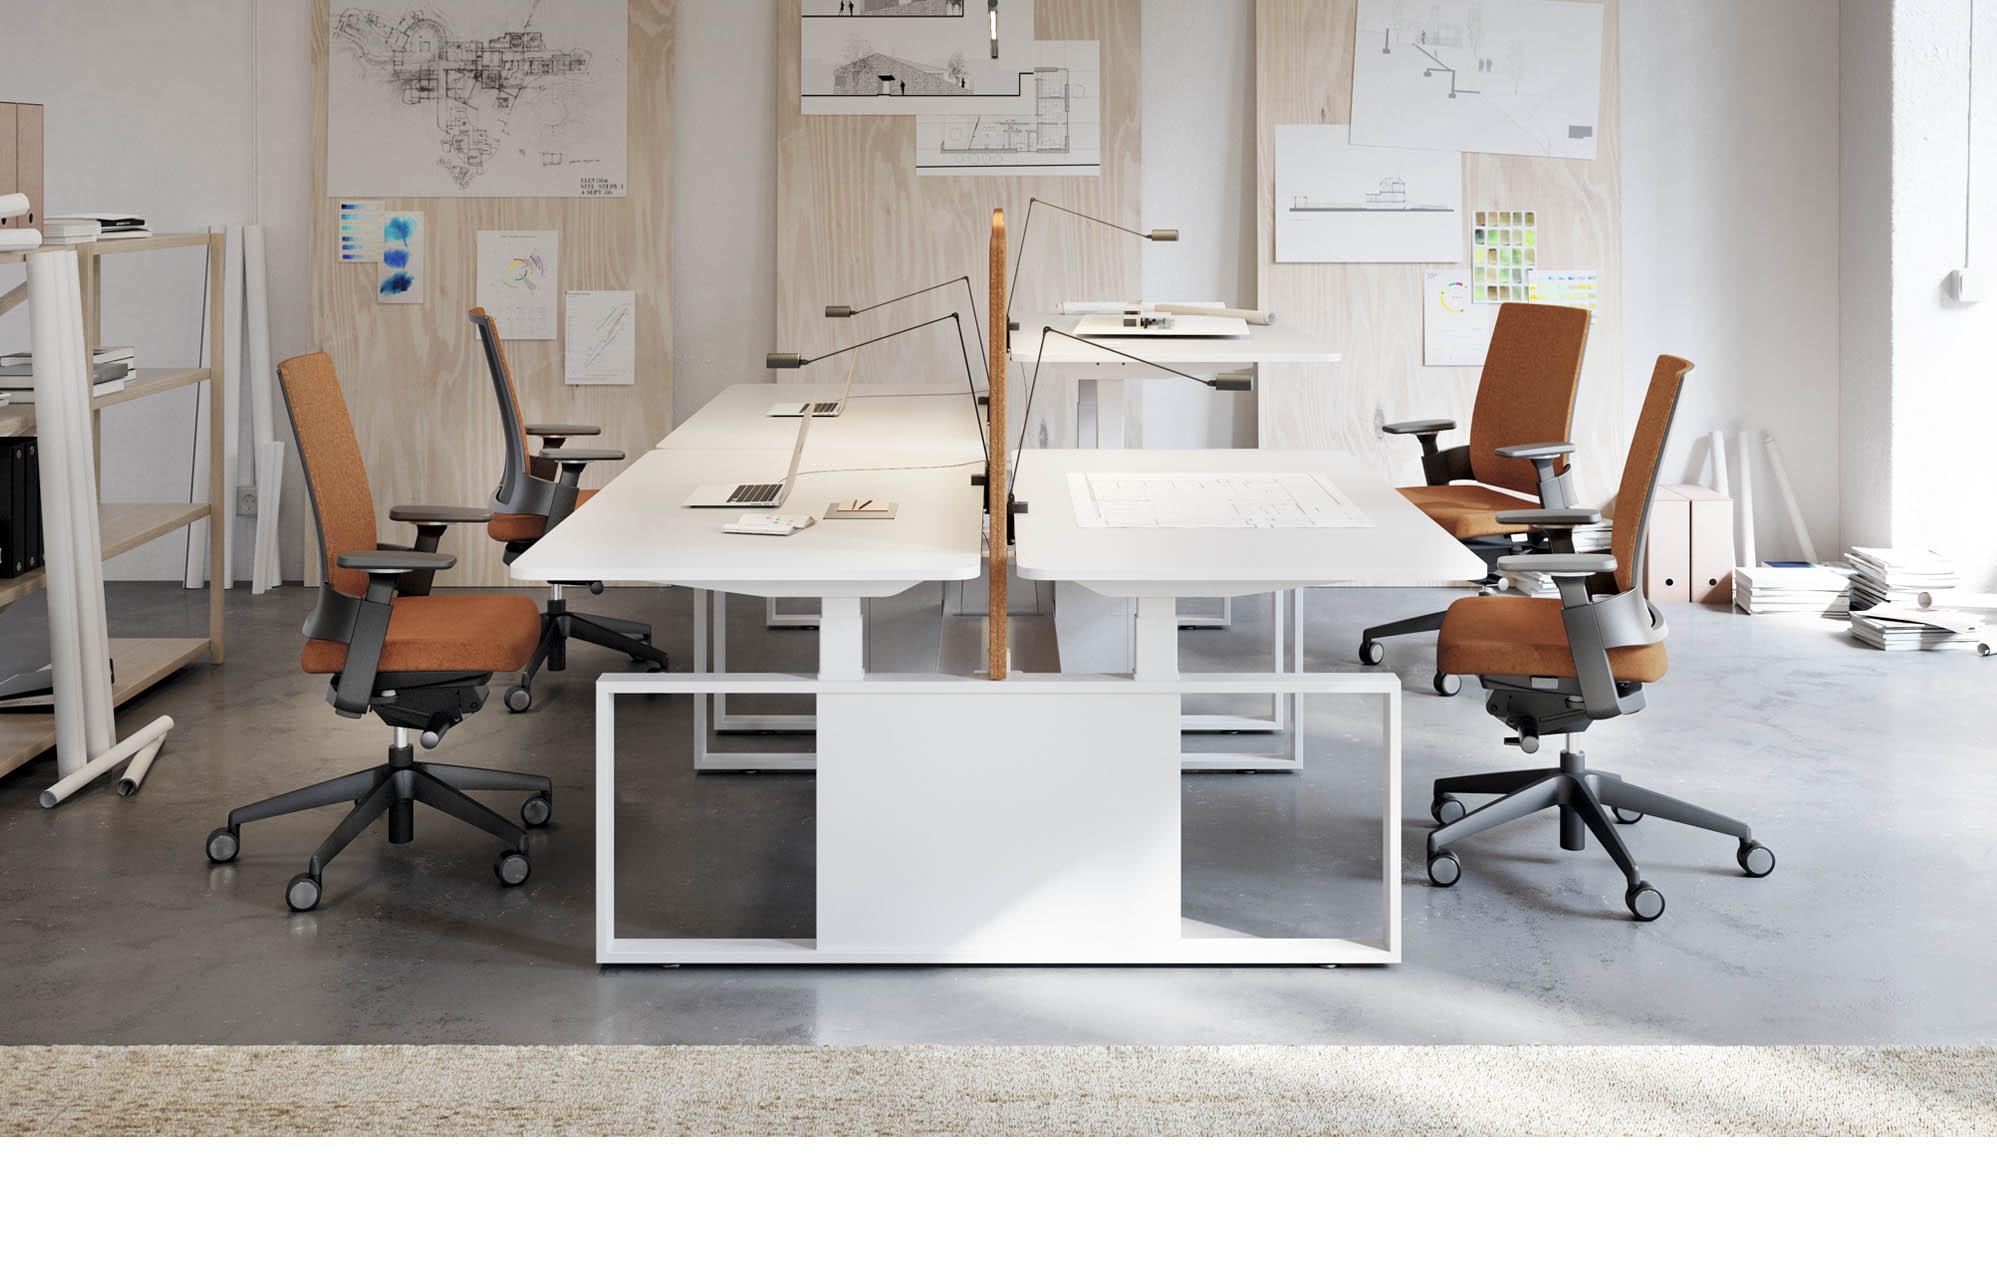 forma 5 sillas y muebles de oficina